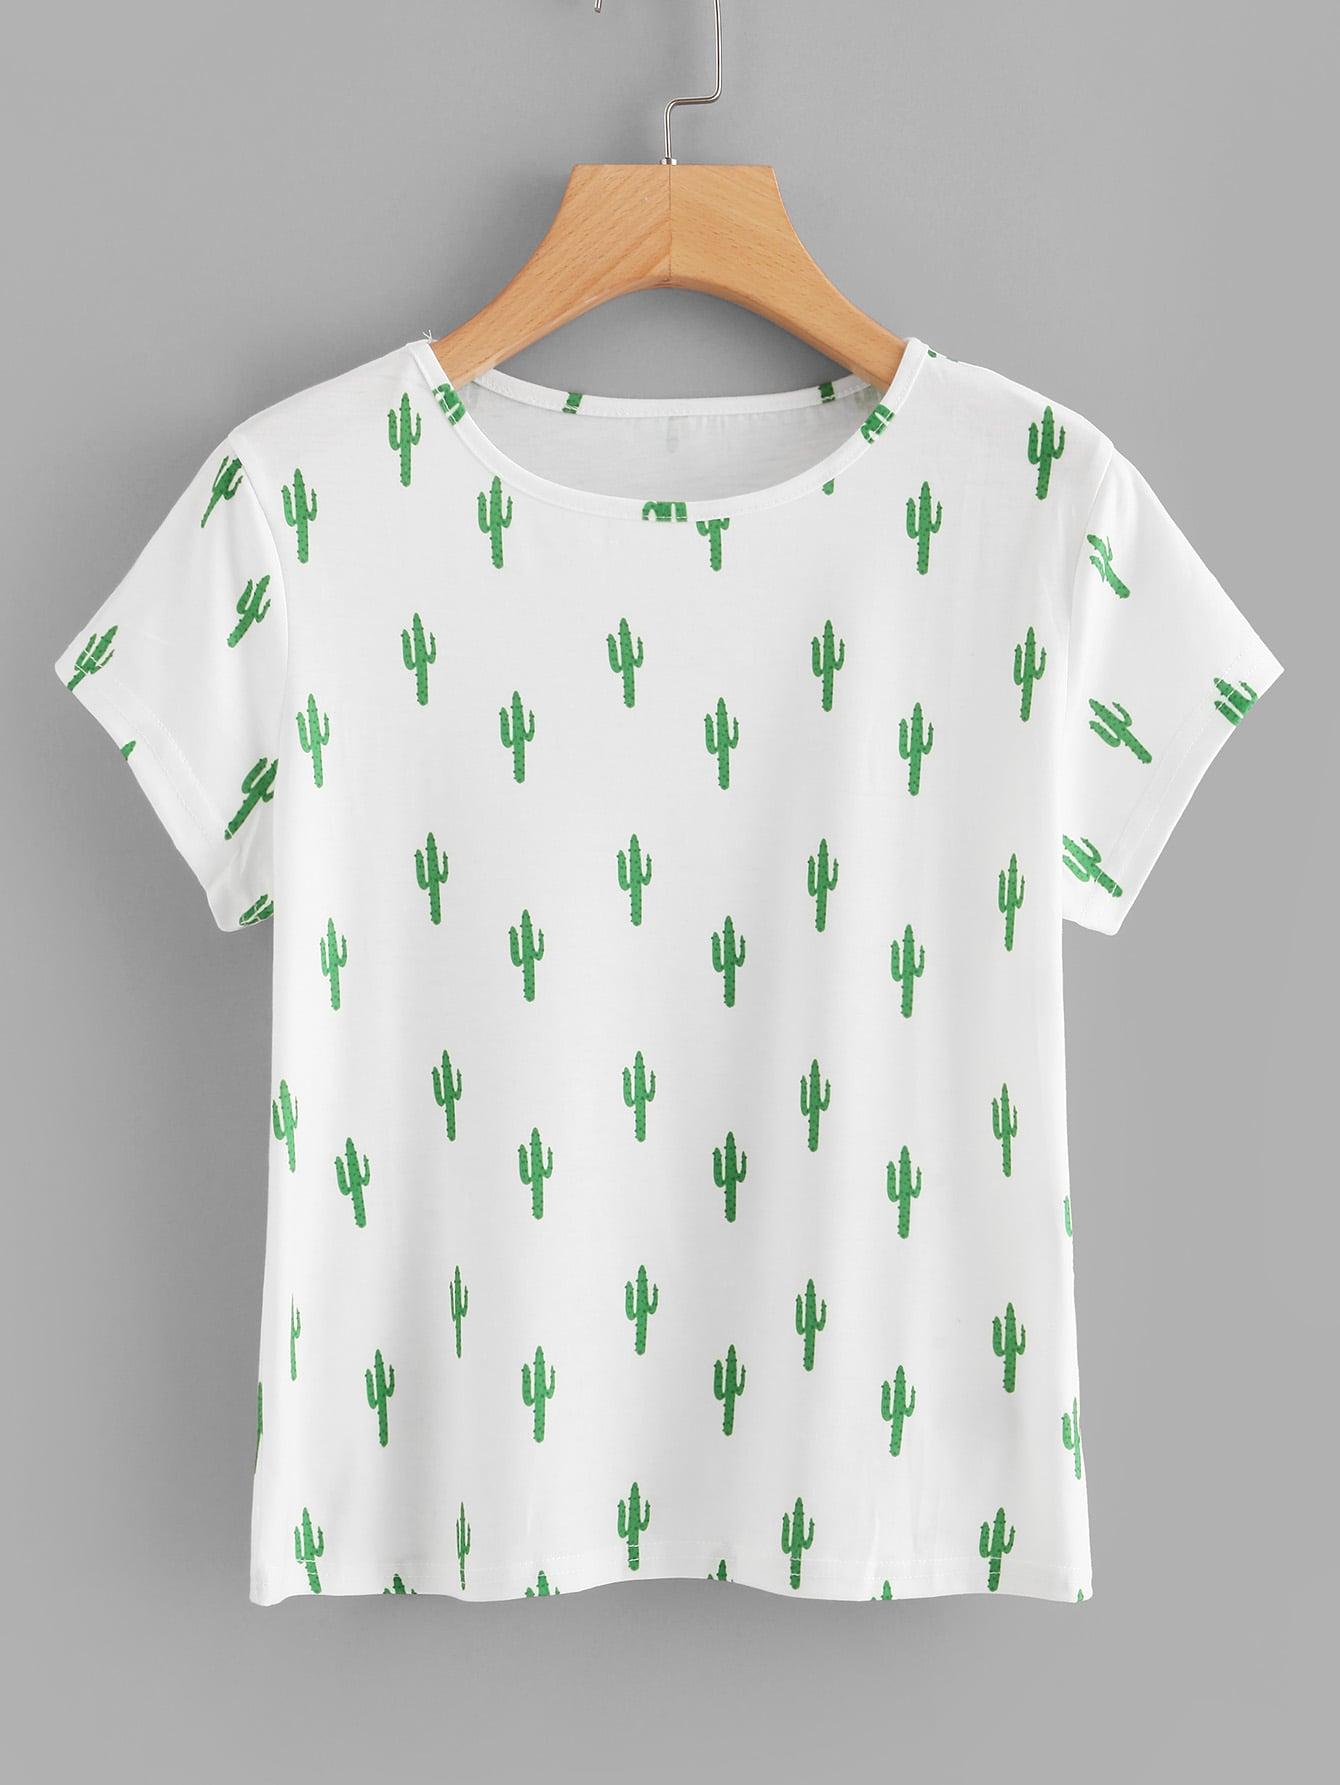 Allover Cactus Print Tee allover fruit print tee